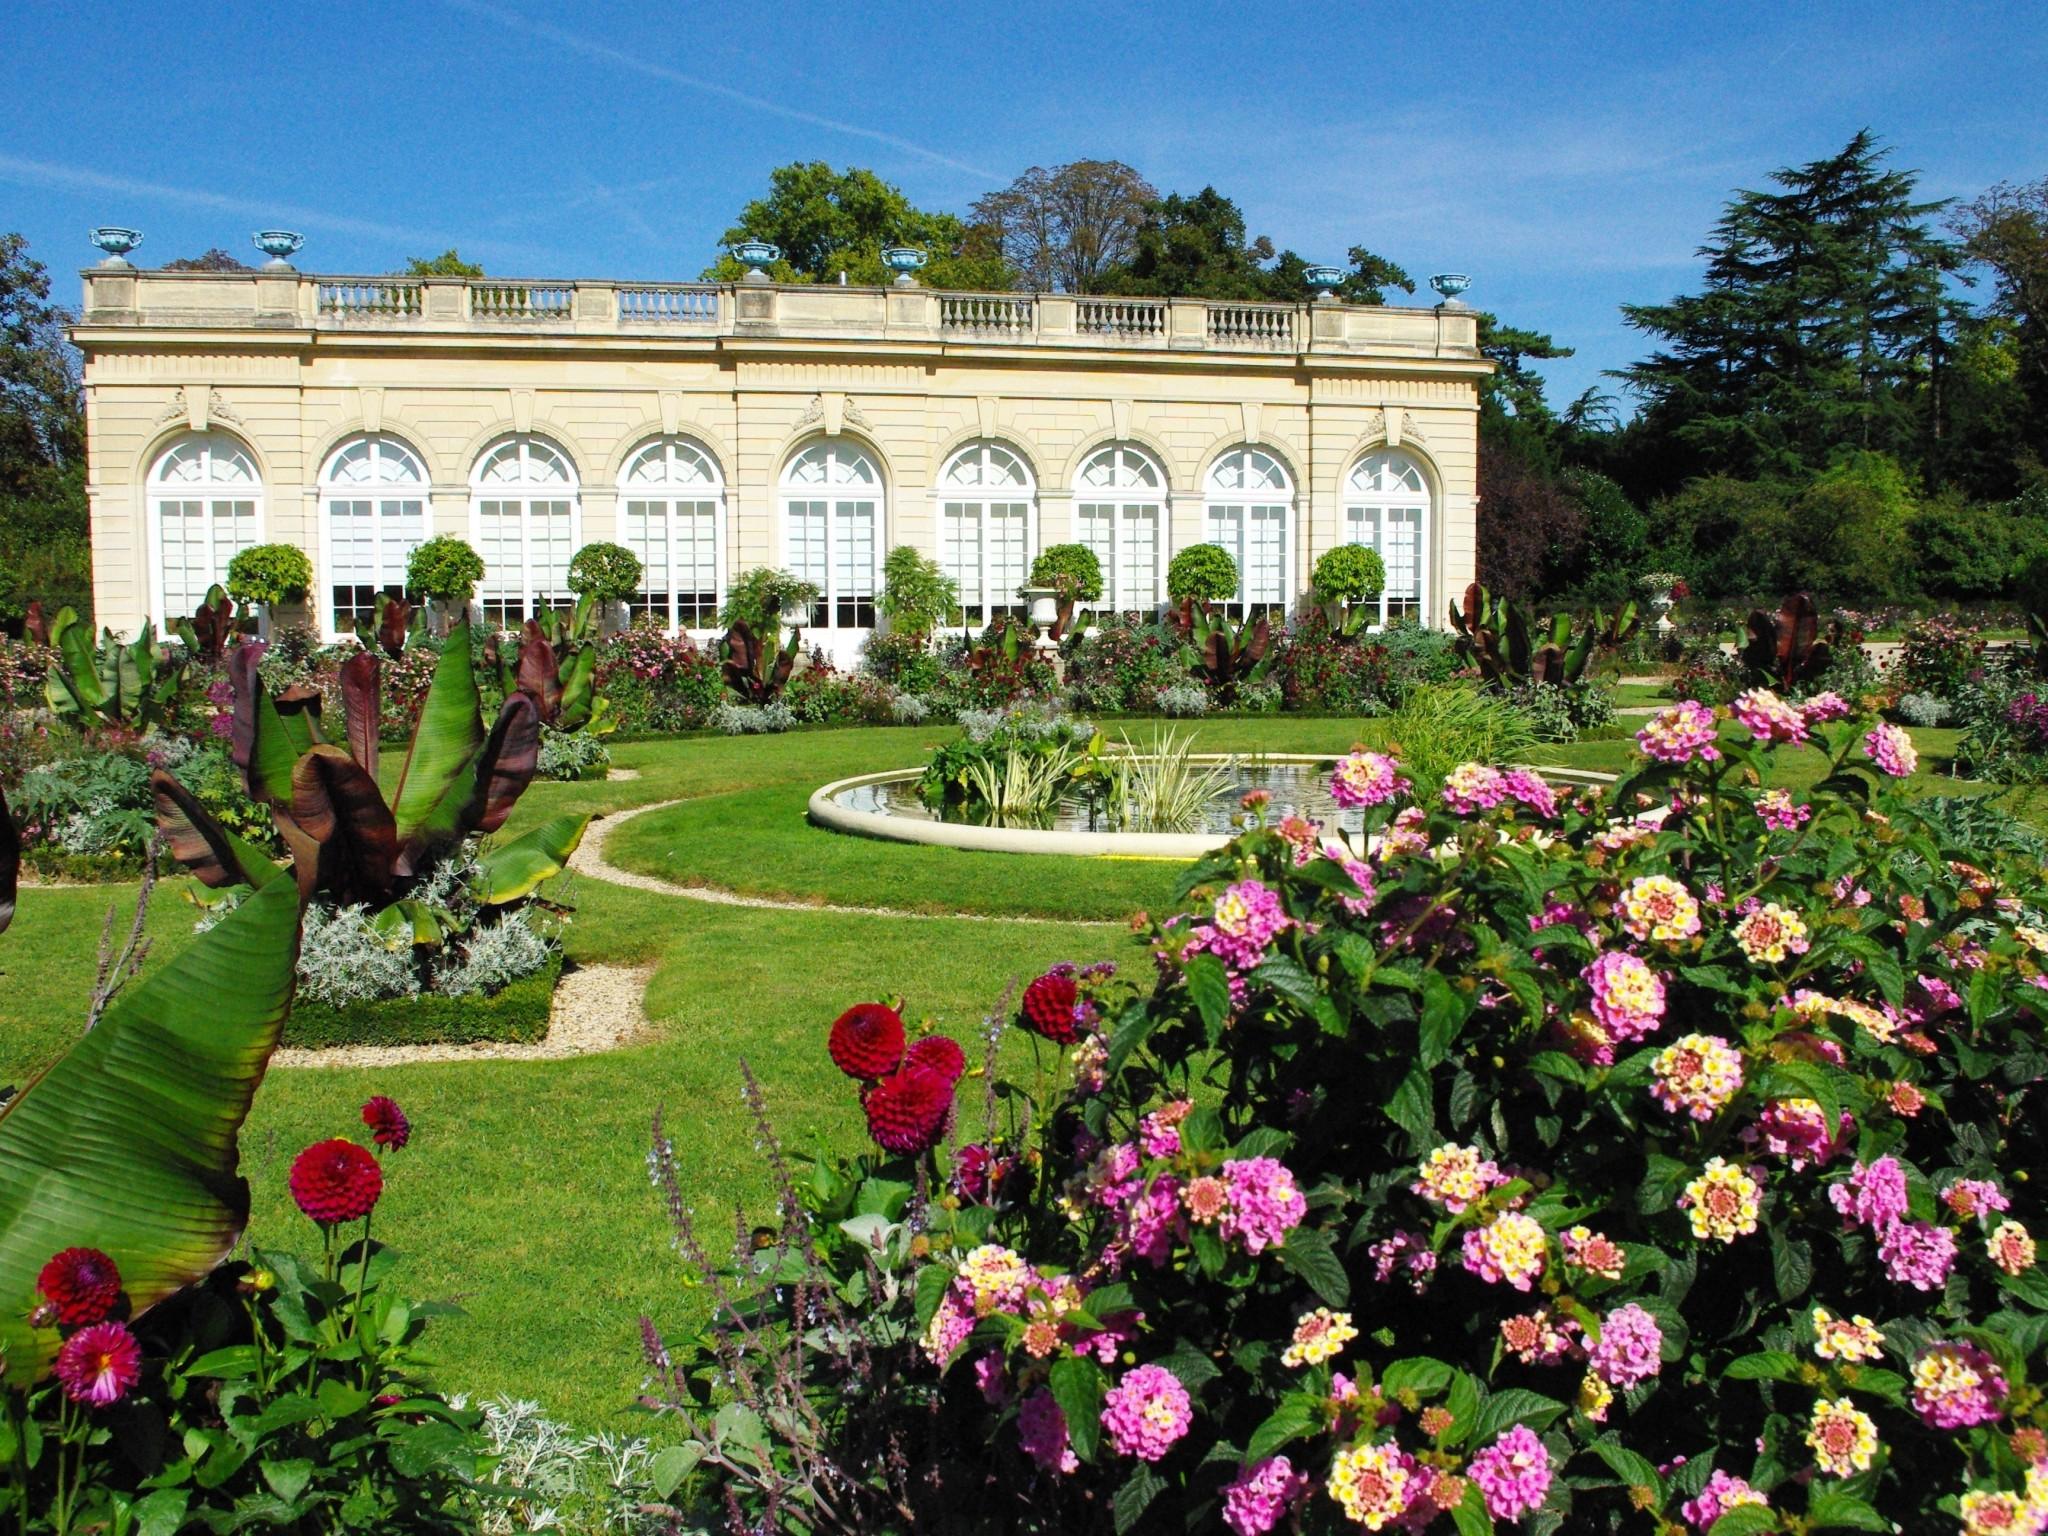 Parc de bagatelle in bois de boulogne paris french moments for Jardin in french